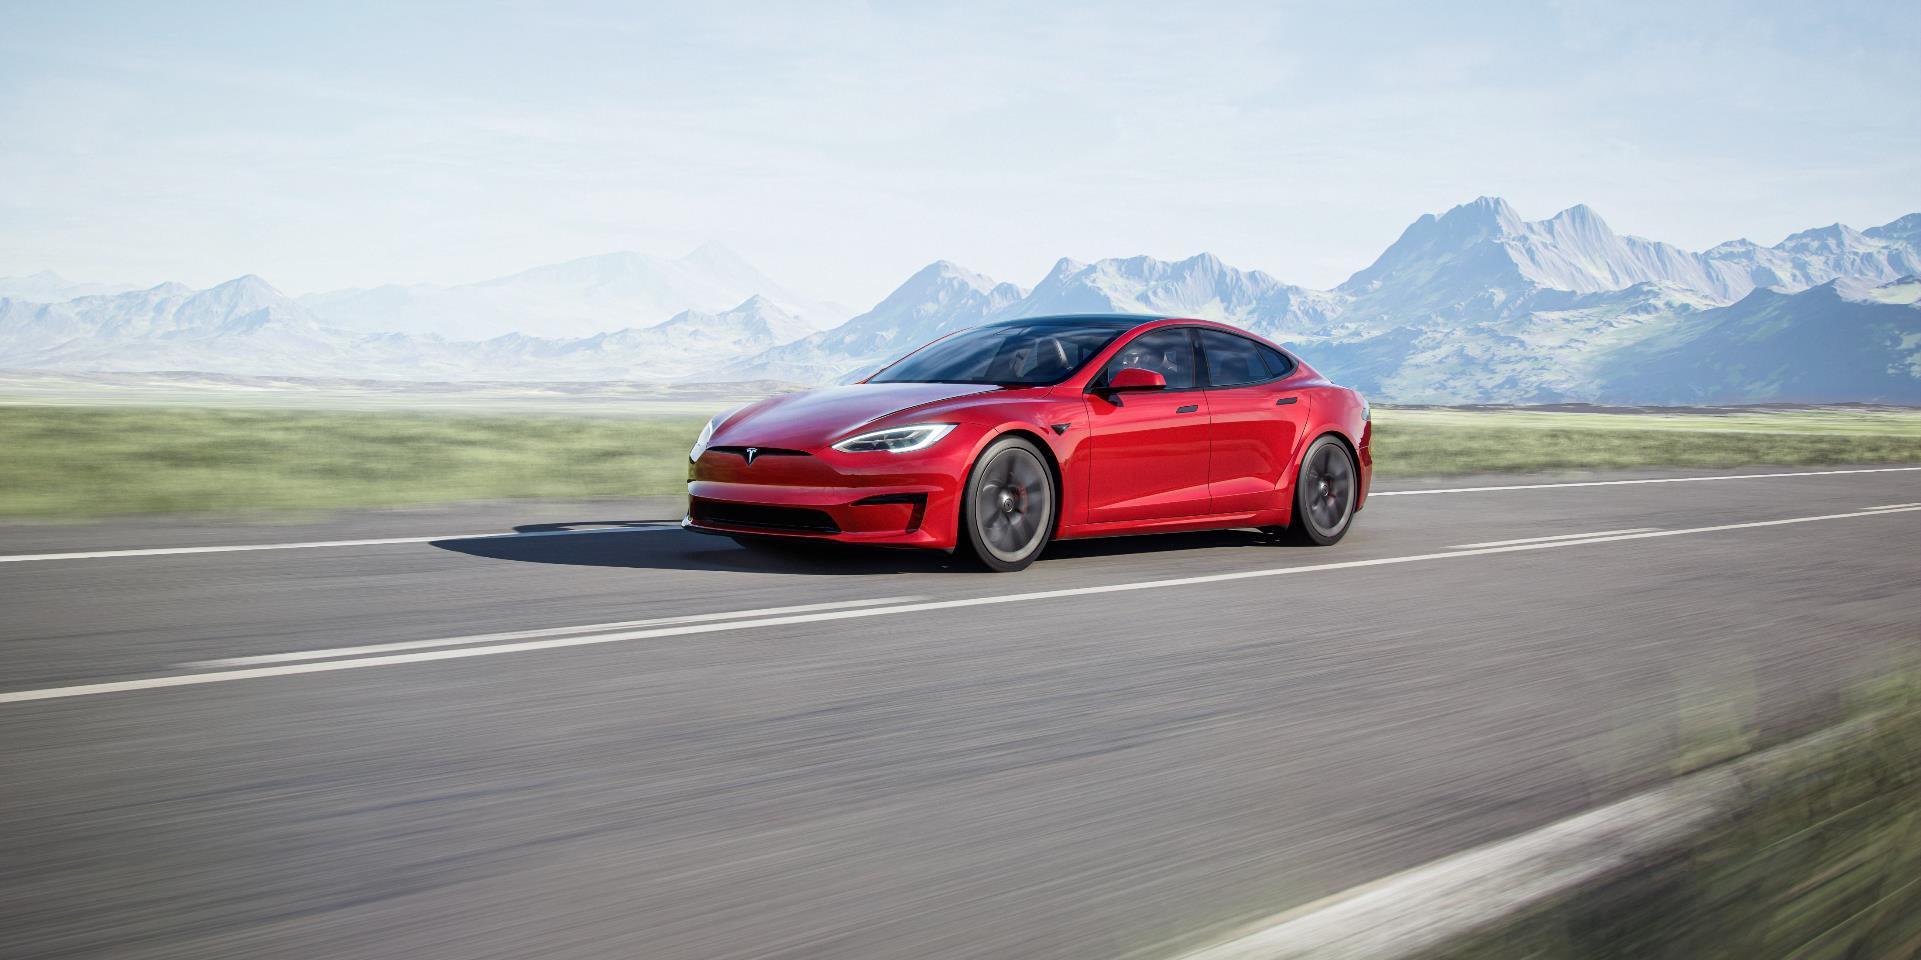 Tesla станет самым прибыльным игроком на рынке электромобилей, вторым - VW, говорит UBS